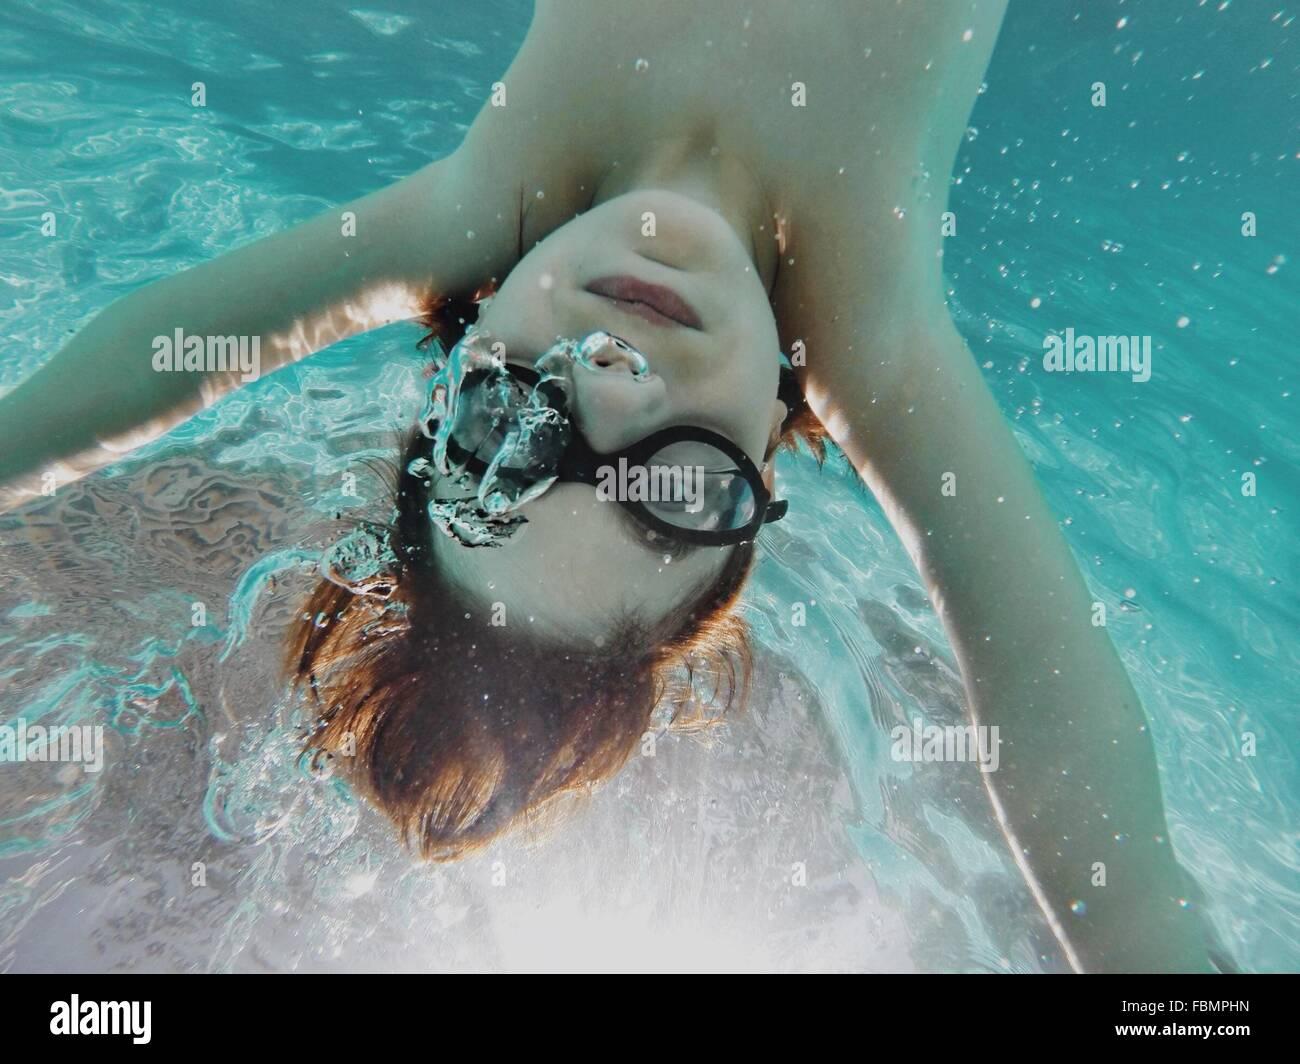 L'envers de l'image de la natation en piscine garçon Photo Stock